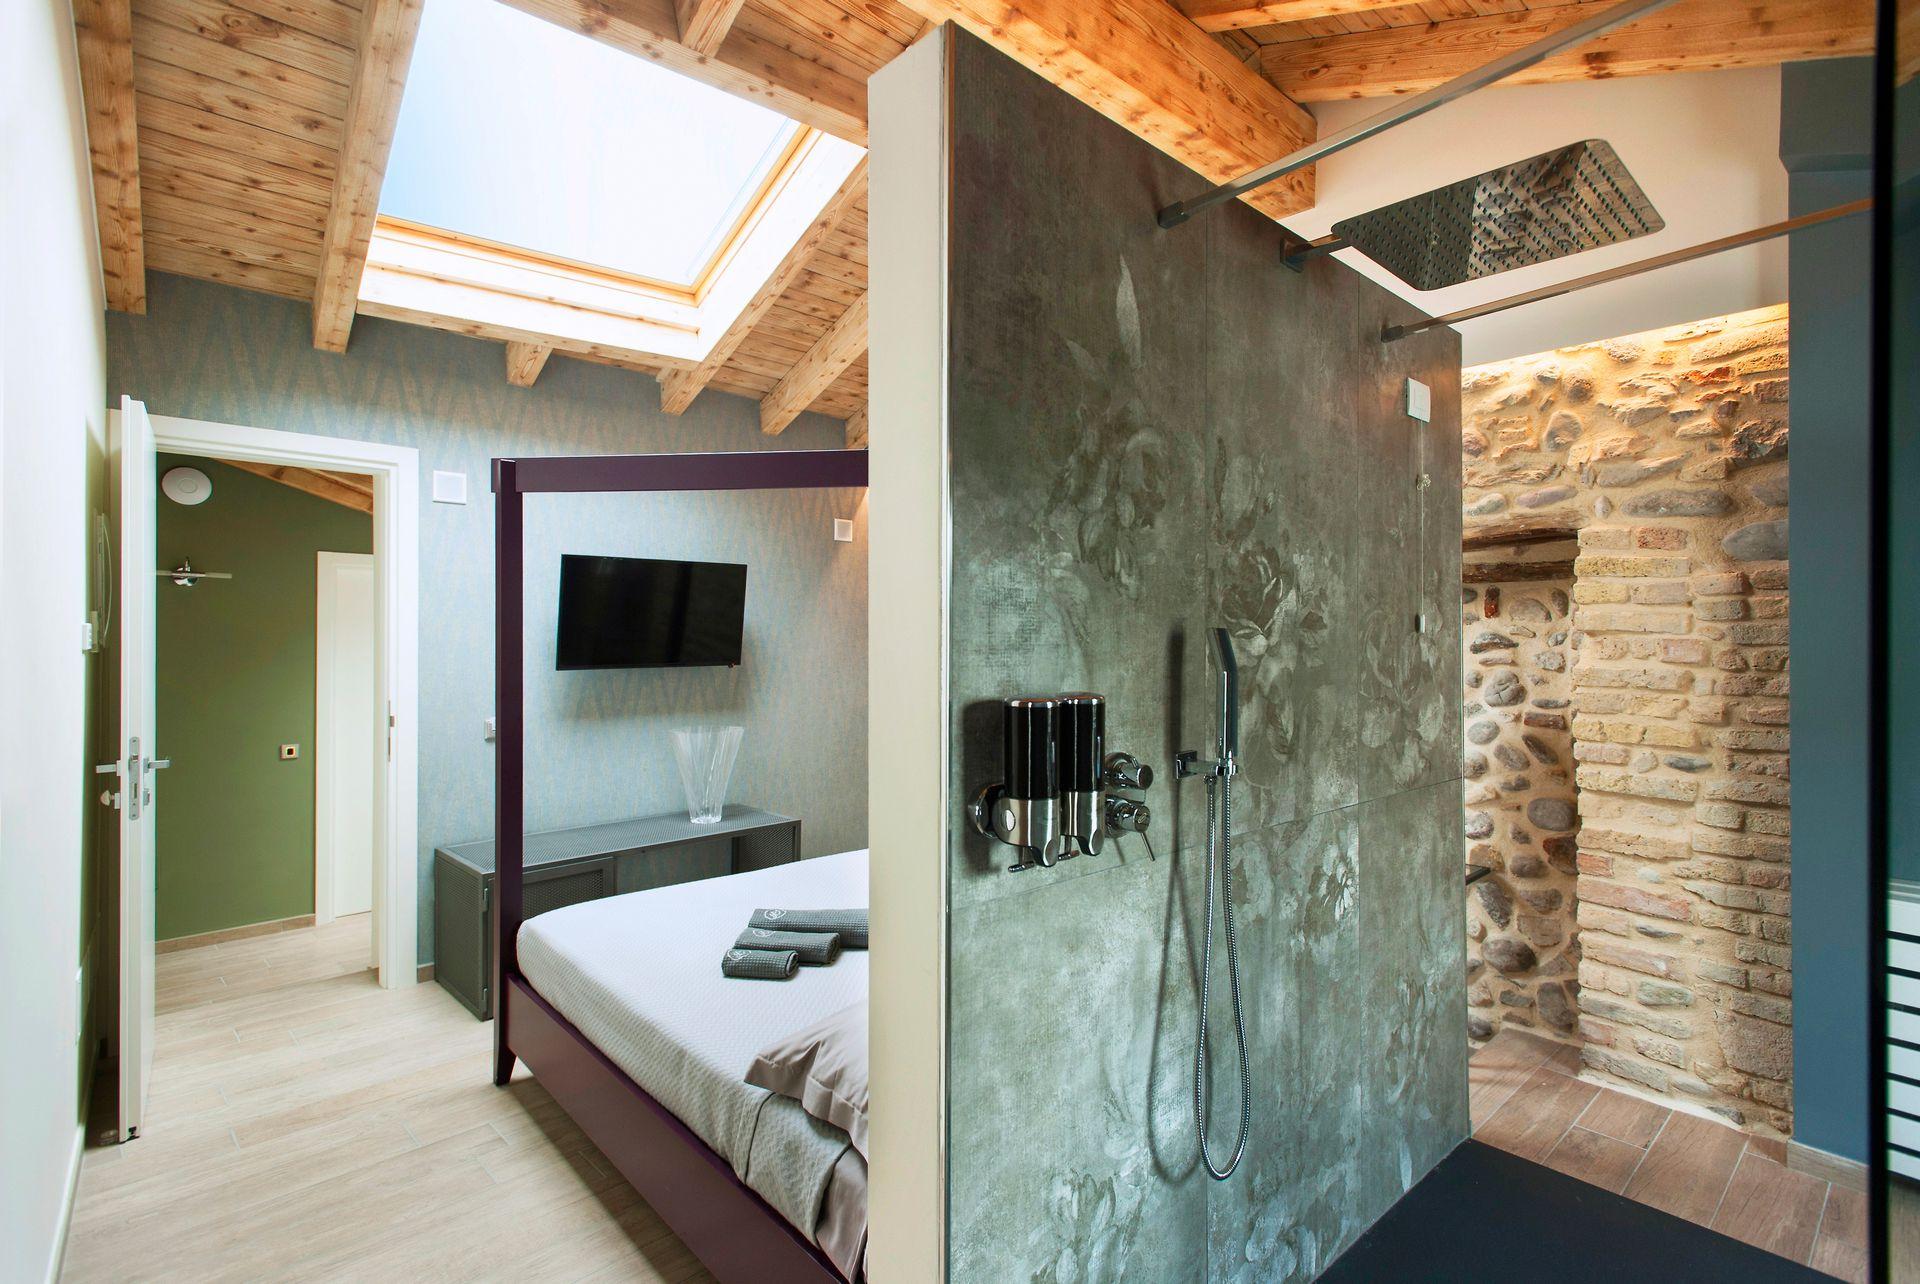 180515_BV_Room-Ninna_022